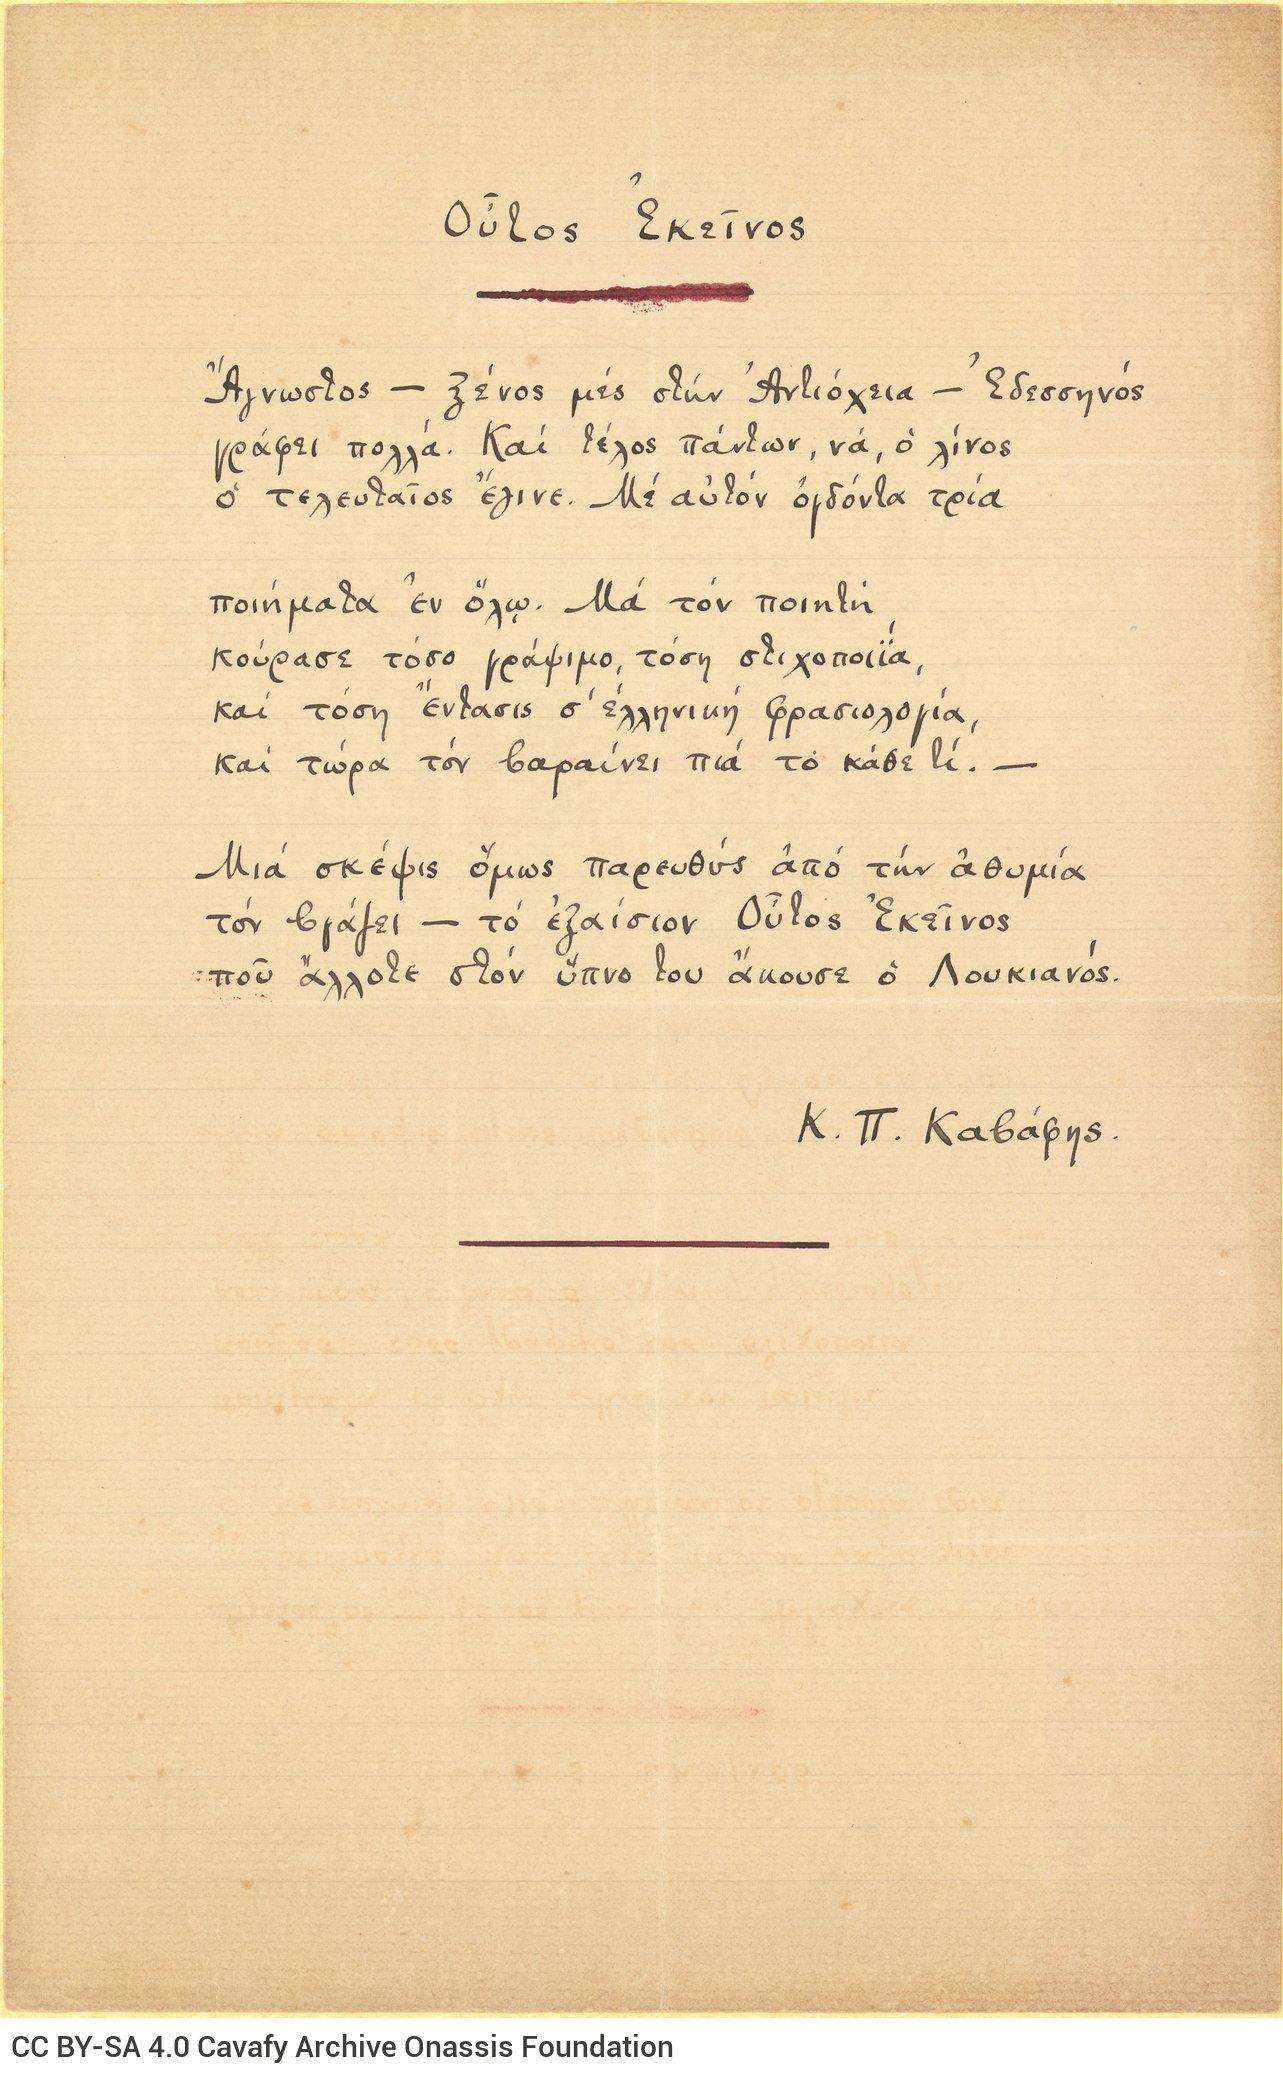 Χειρόγραφο του ποιήματος «Ούτος Εκείνος» στη μία όψη διαγραμμισμέ